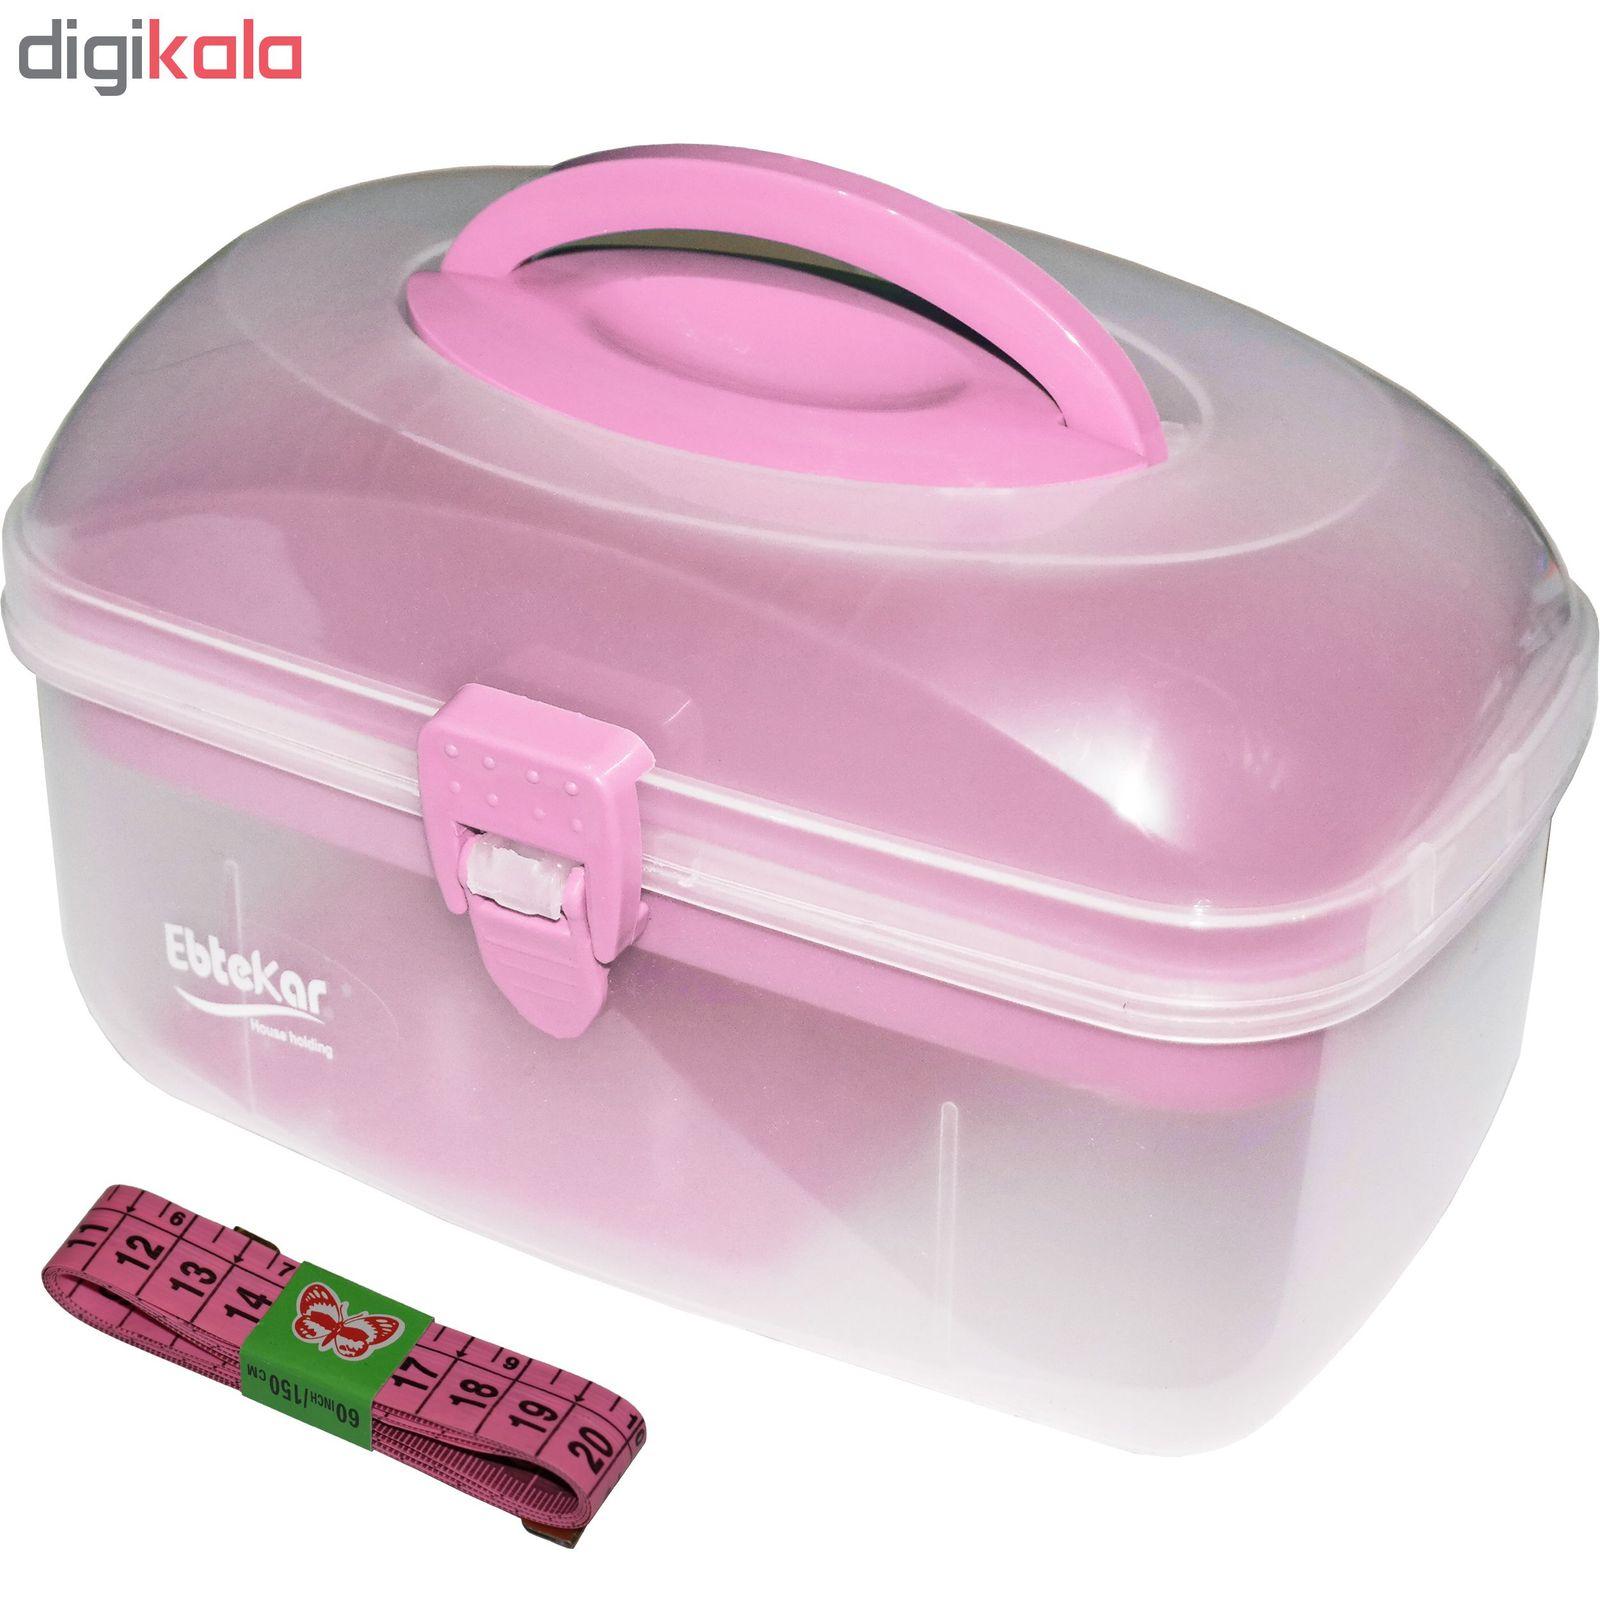 جعبه لوازم خیاطی ابتکار مدل Pink به همراه متر خیاطی main 1 1